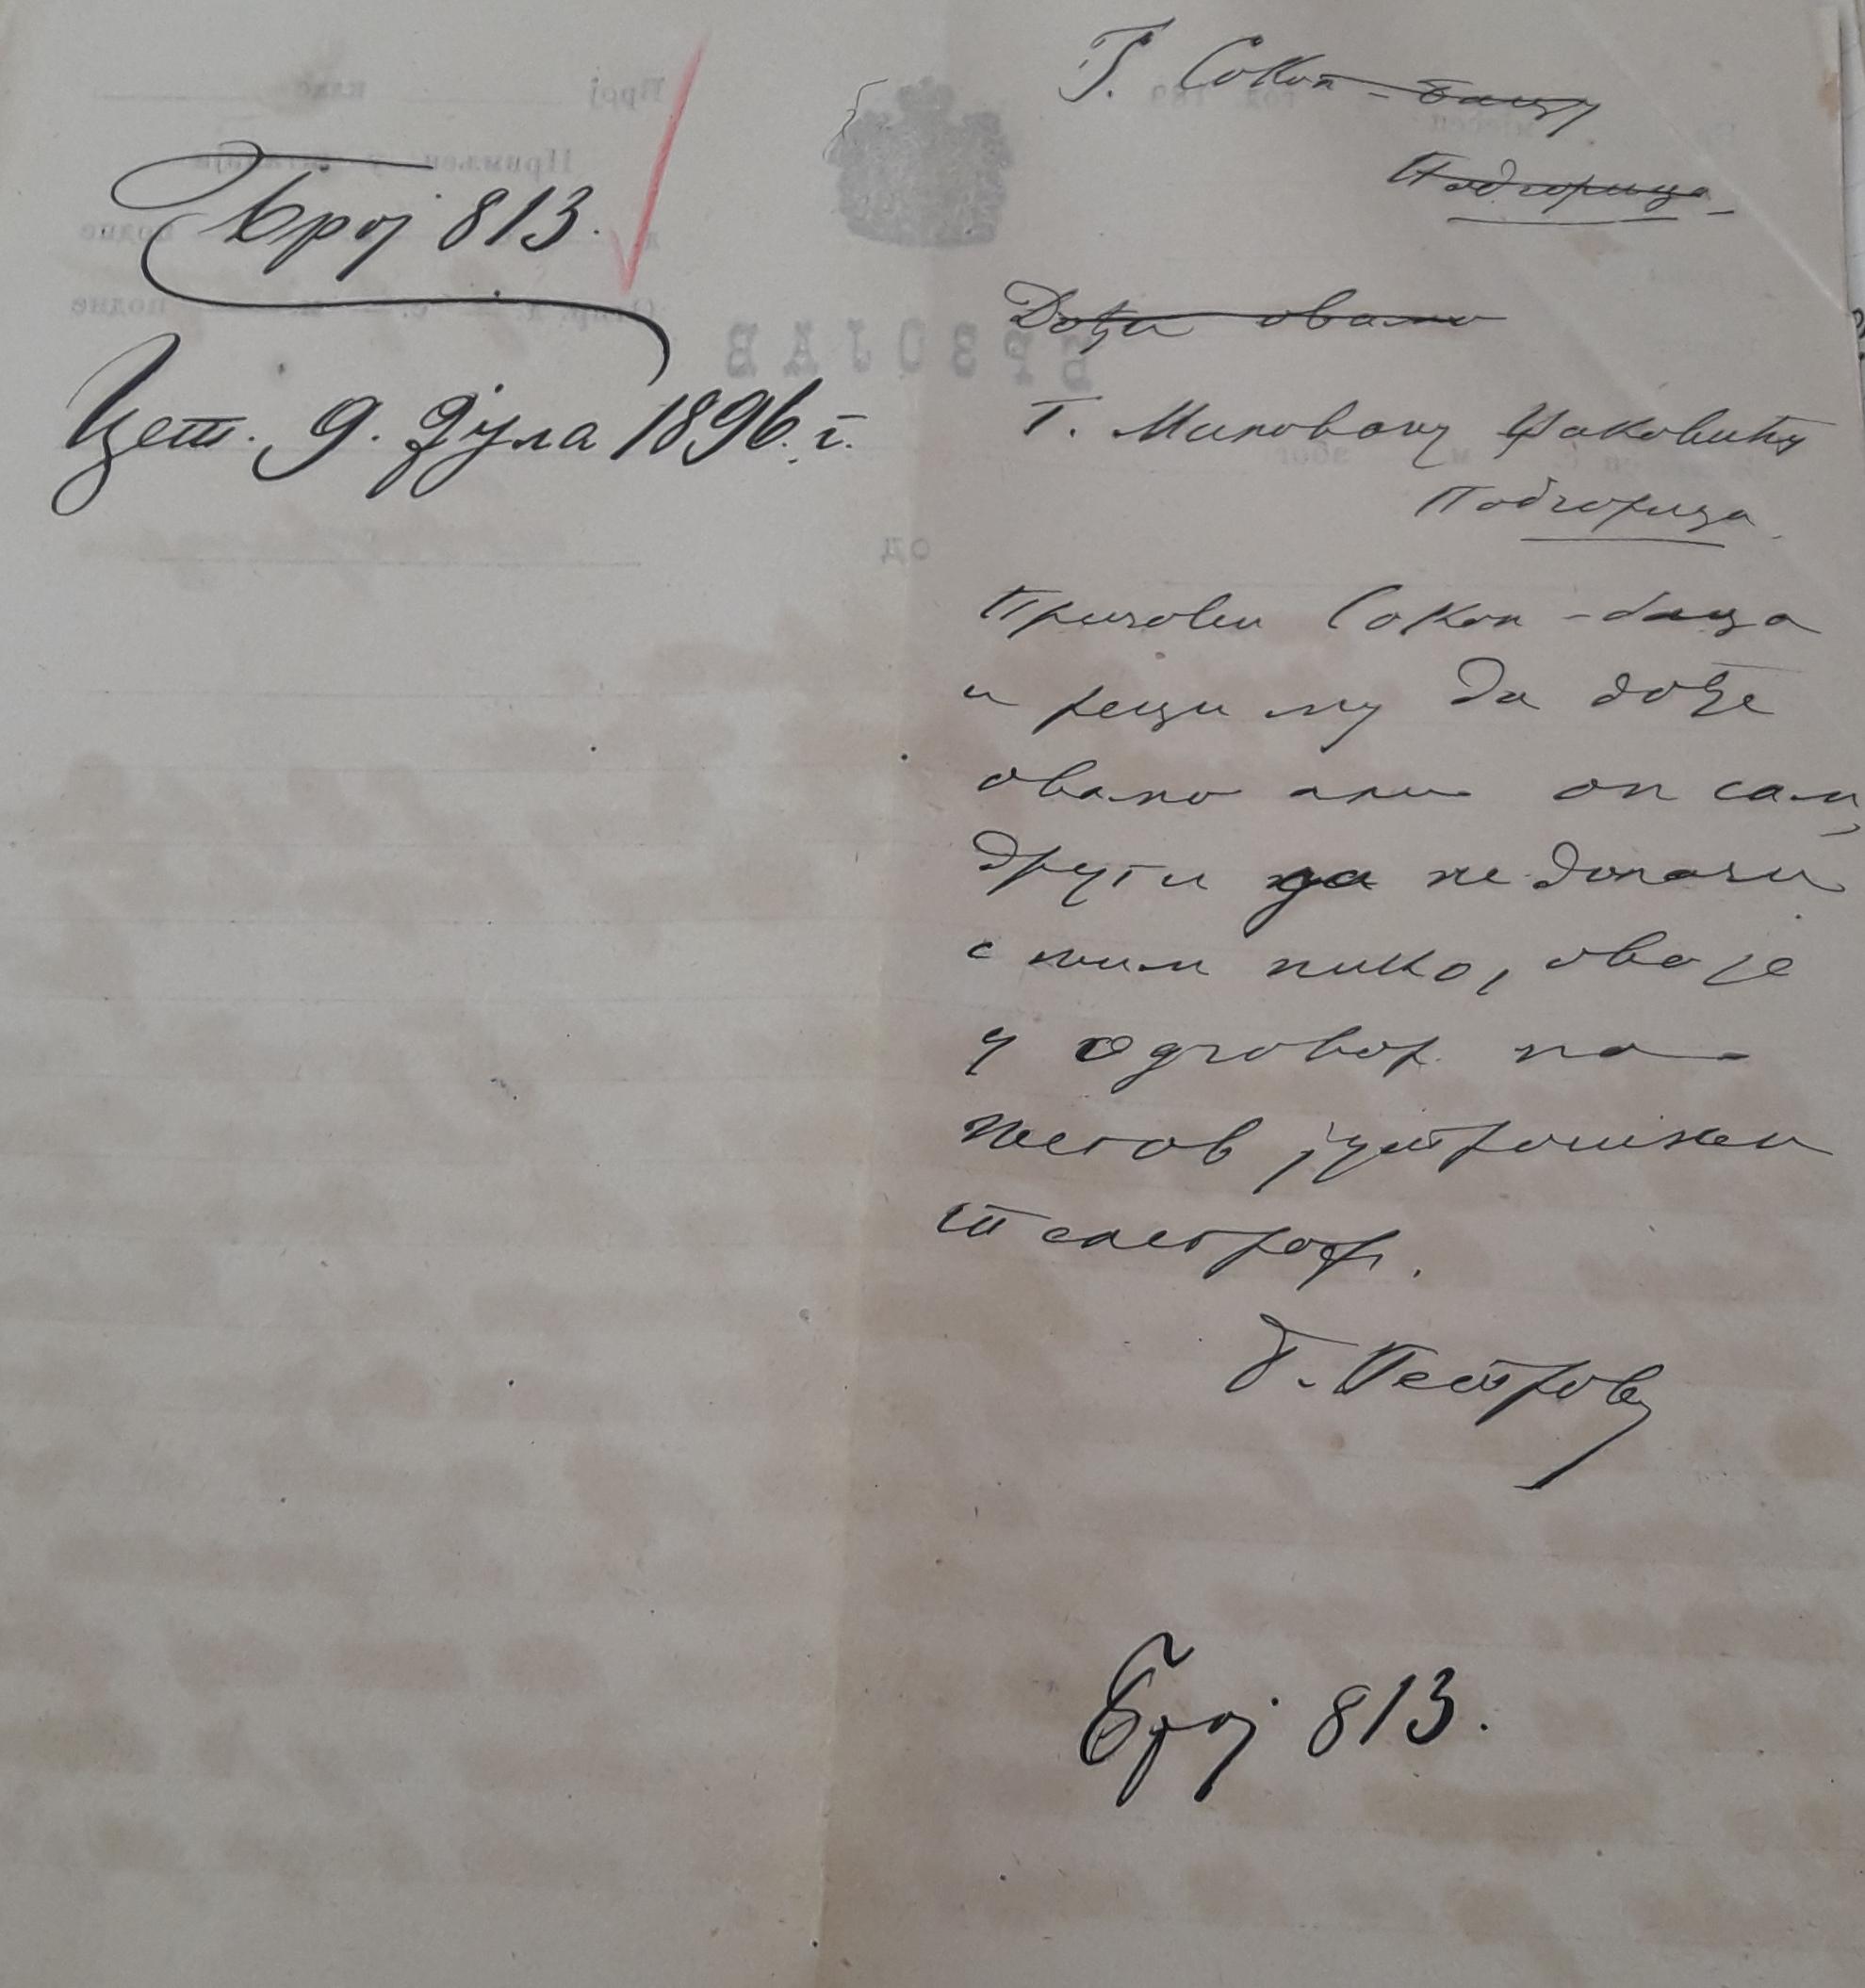 4. Ministar unutrašnjih djela obavještava okružnog kapetana u Podgorici da pošalje Sokol Baca, na Cetinje, 09.07.1896.